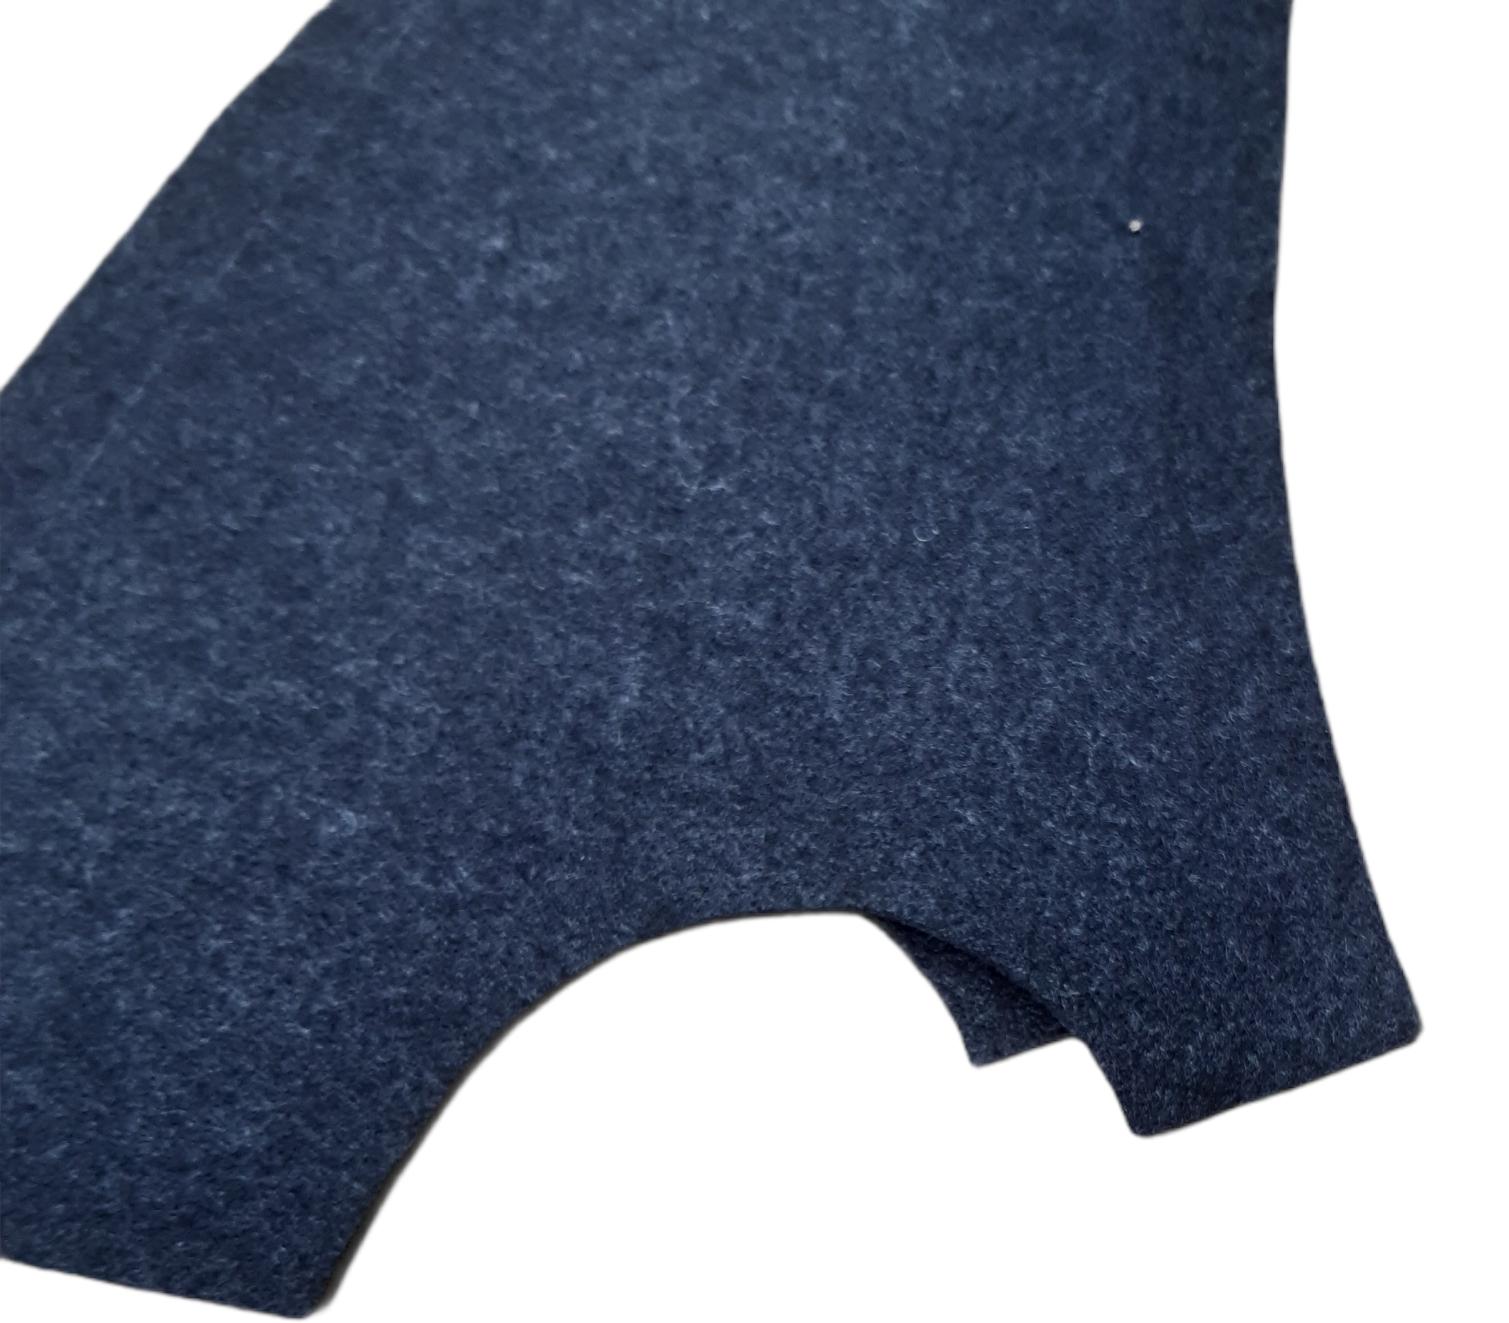 Seitenverkleidung Innen für 2CV aus unserem Konturvlies anthrazit